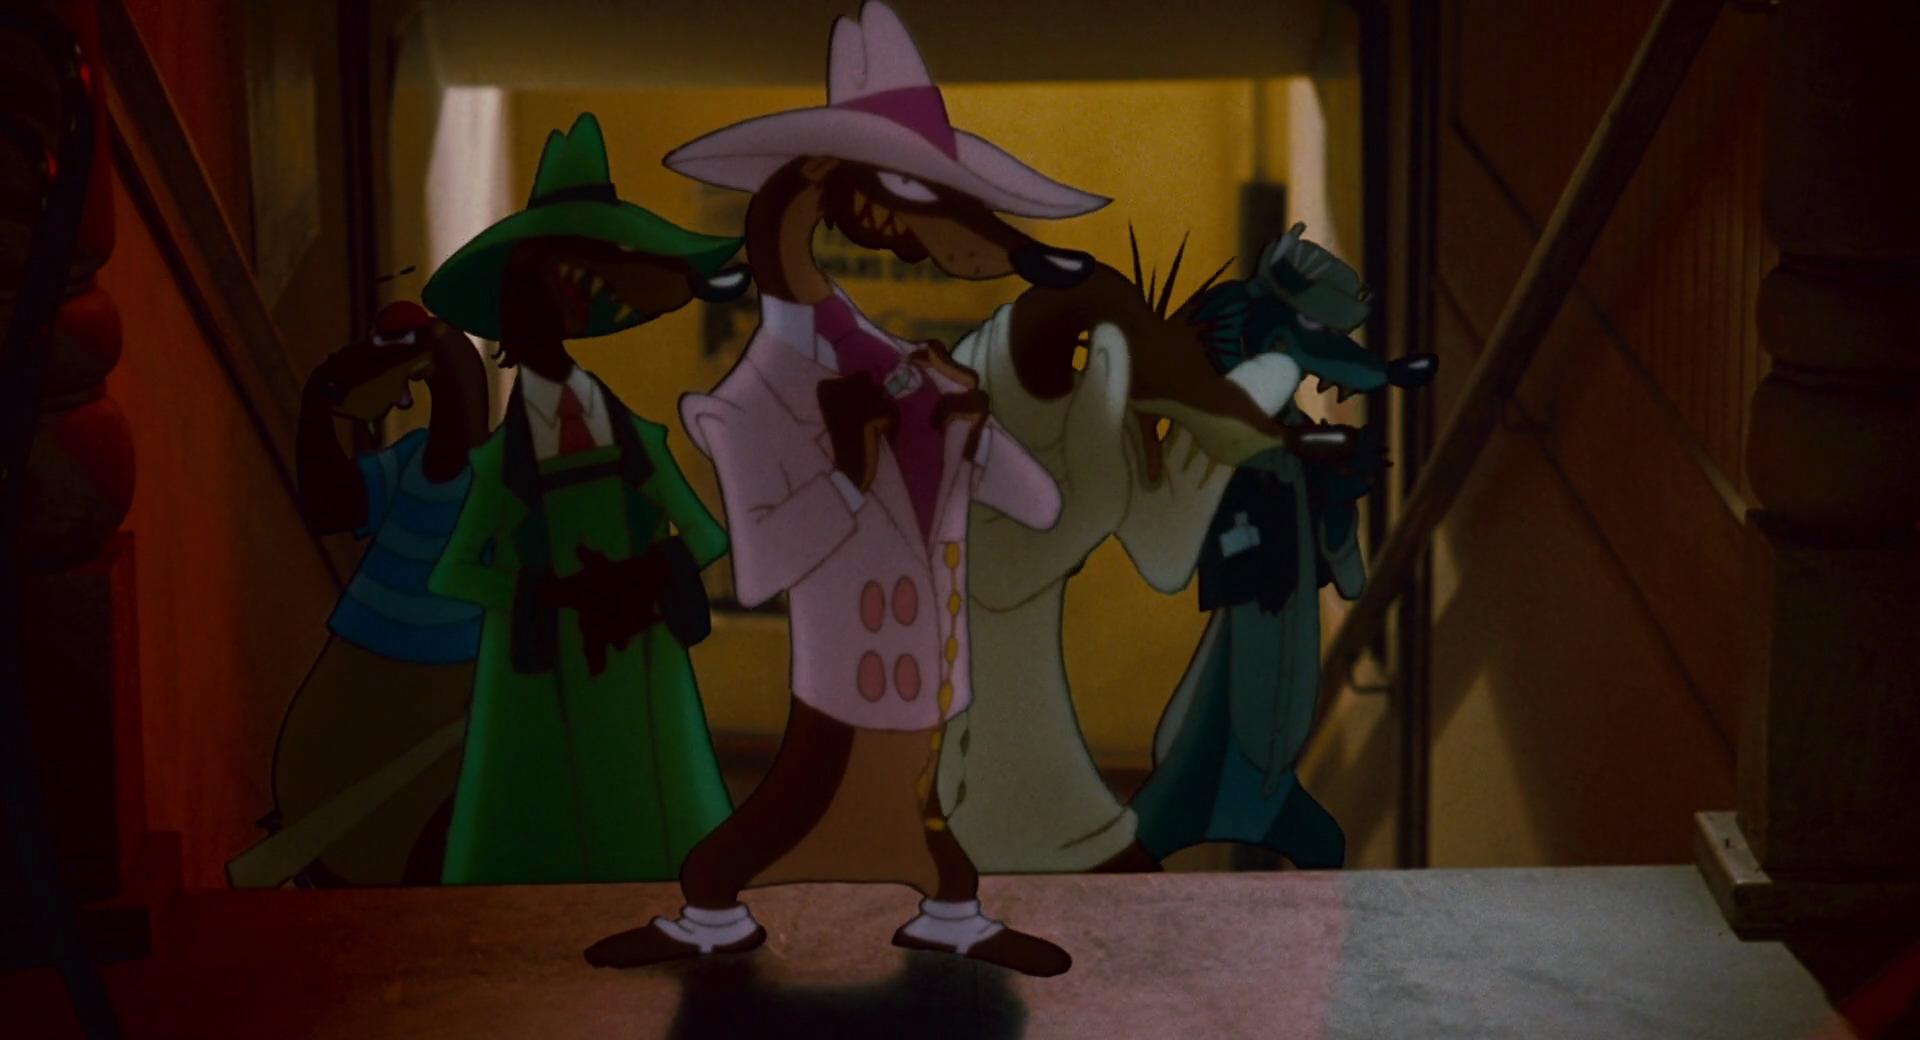 Who-framed-roger-rabbit-disneyscreencaps.com-6068.jpg & Image - Who-framed-roger-rabbit-disneyscreencaps.com-6068.jpg ...